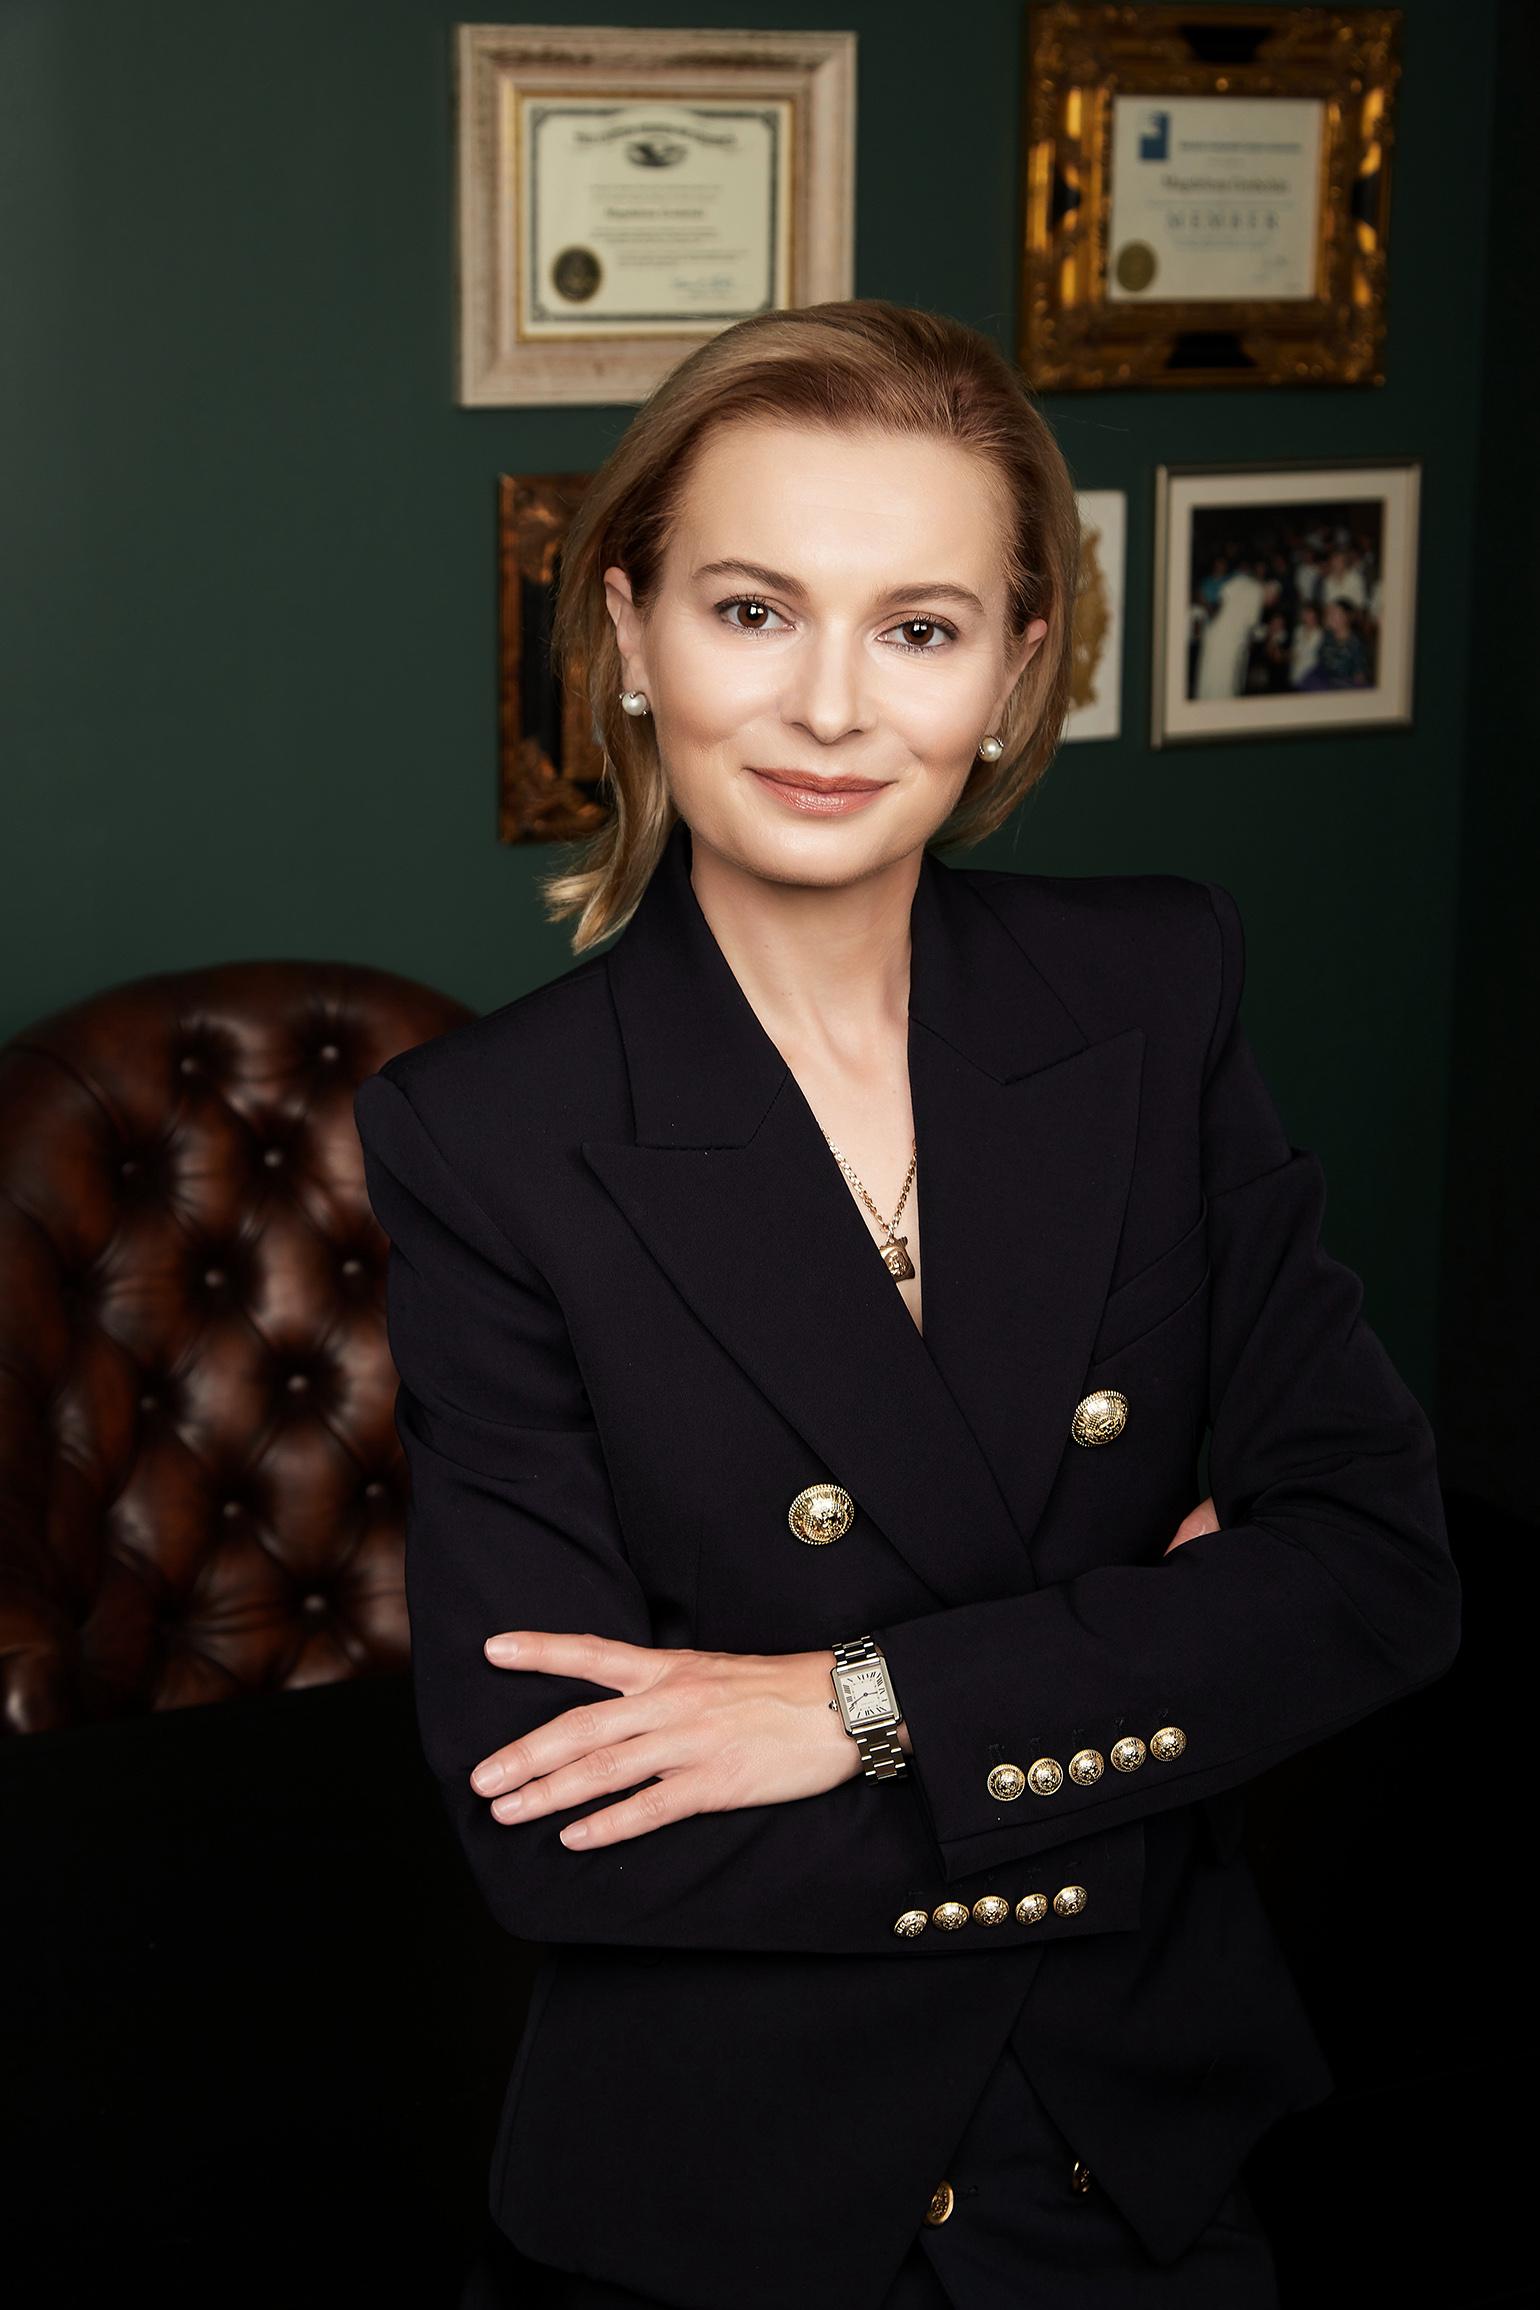 Magdalena Grobelski